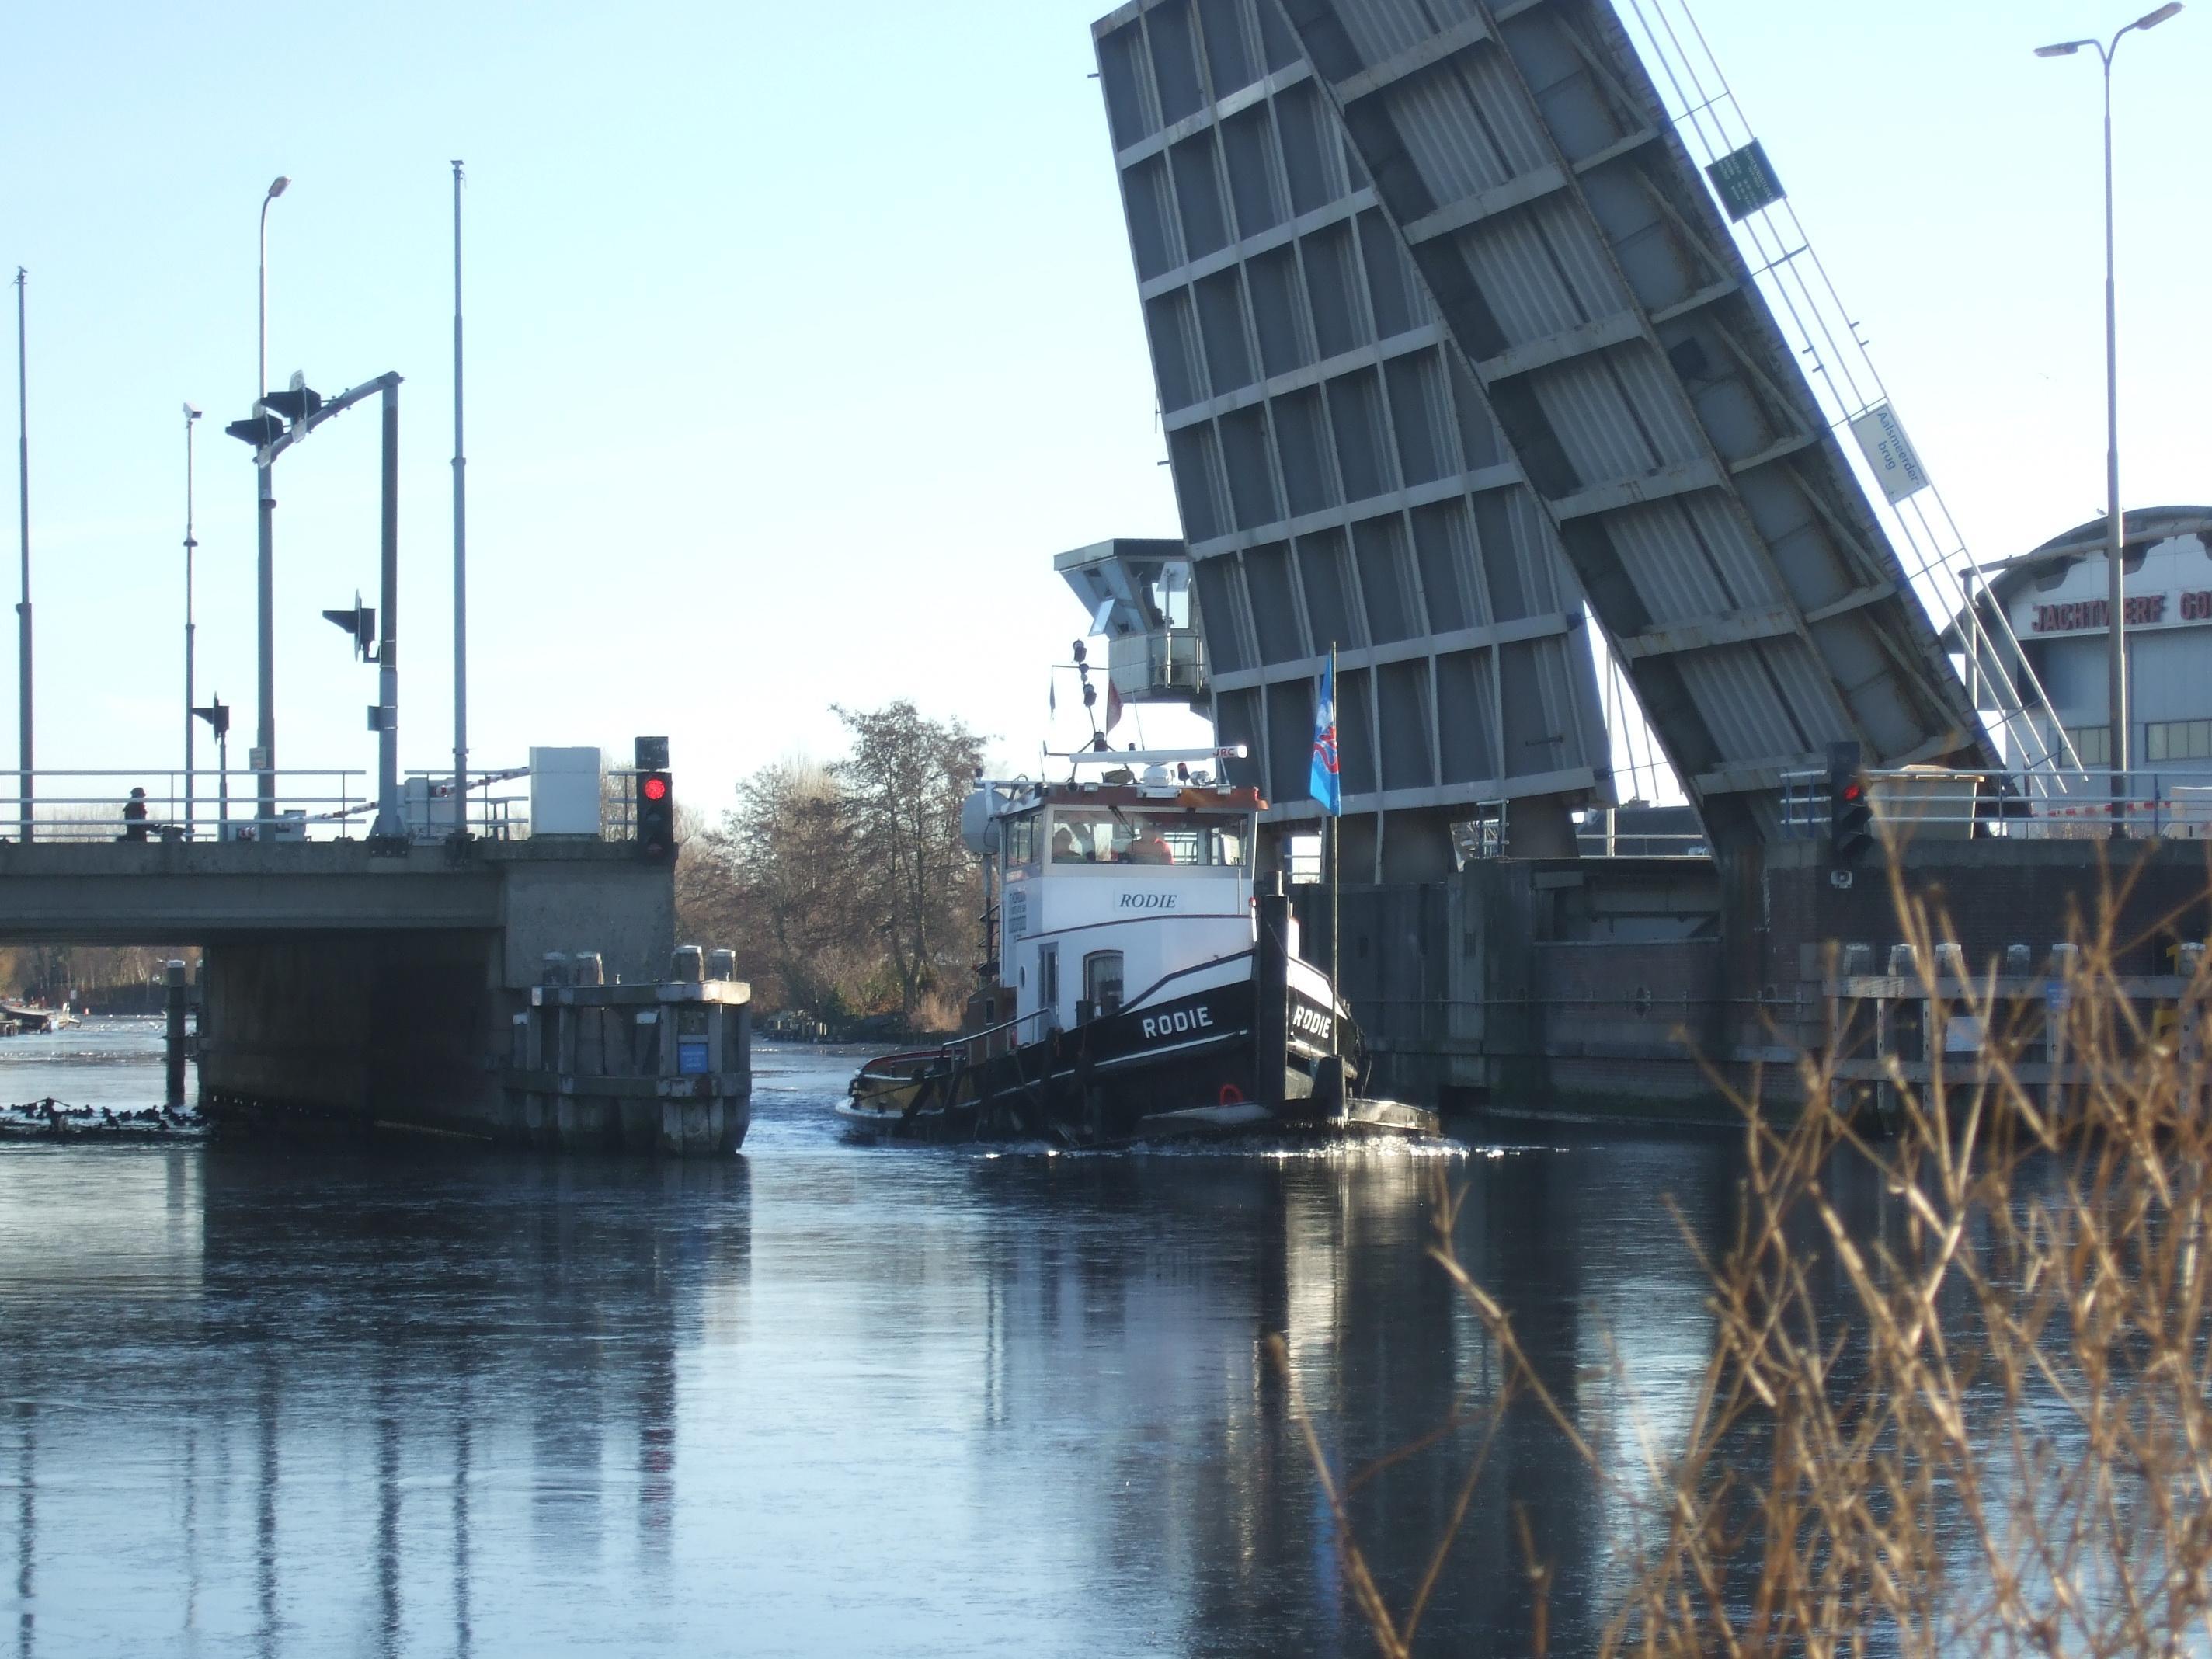 Vertragingen bij provinciale bruggen Noord-Holland duurt voort. Vakbond dringt aan op harde maatregelen